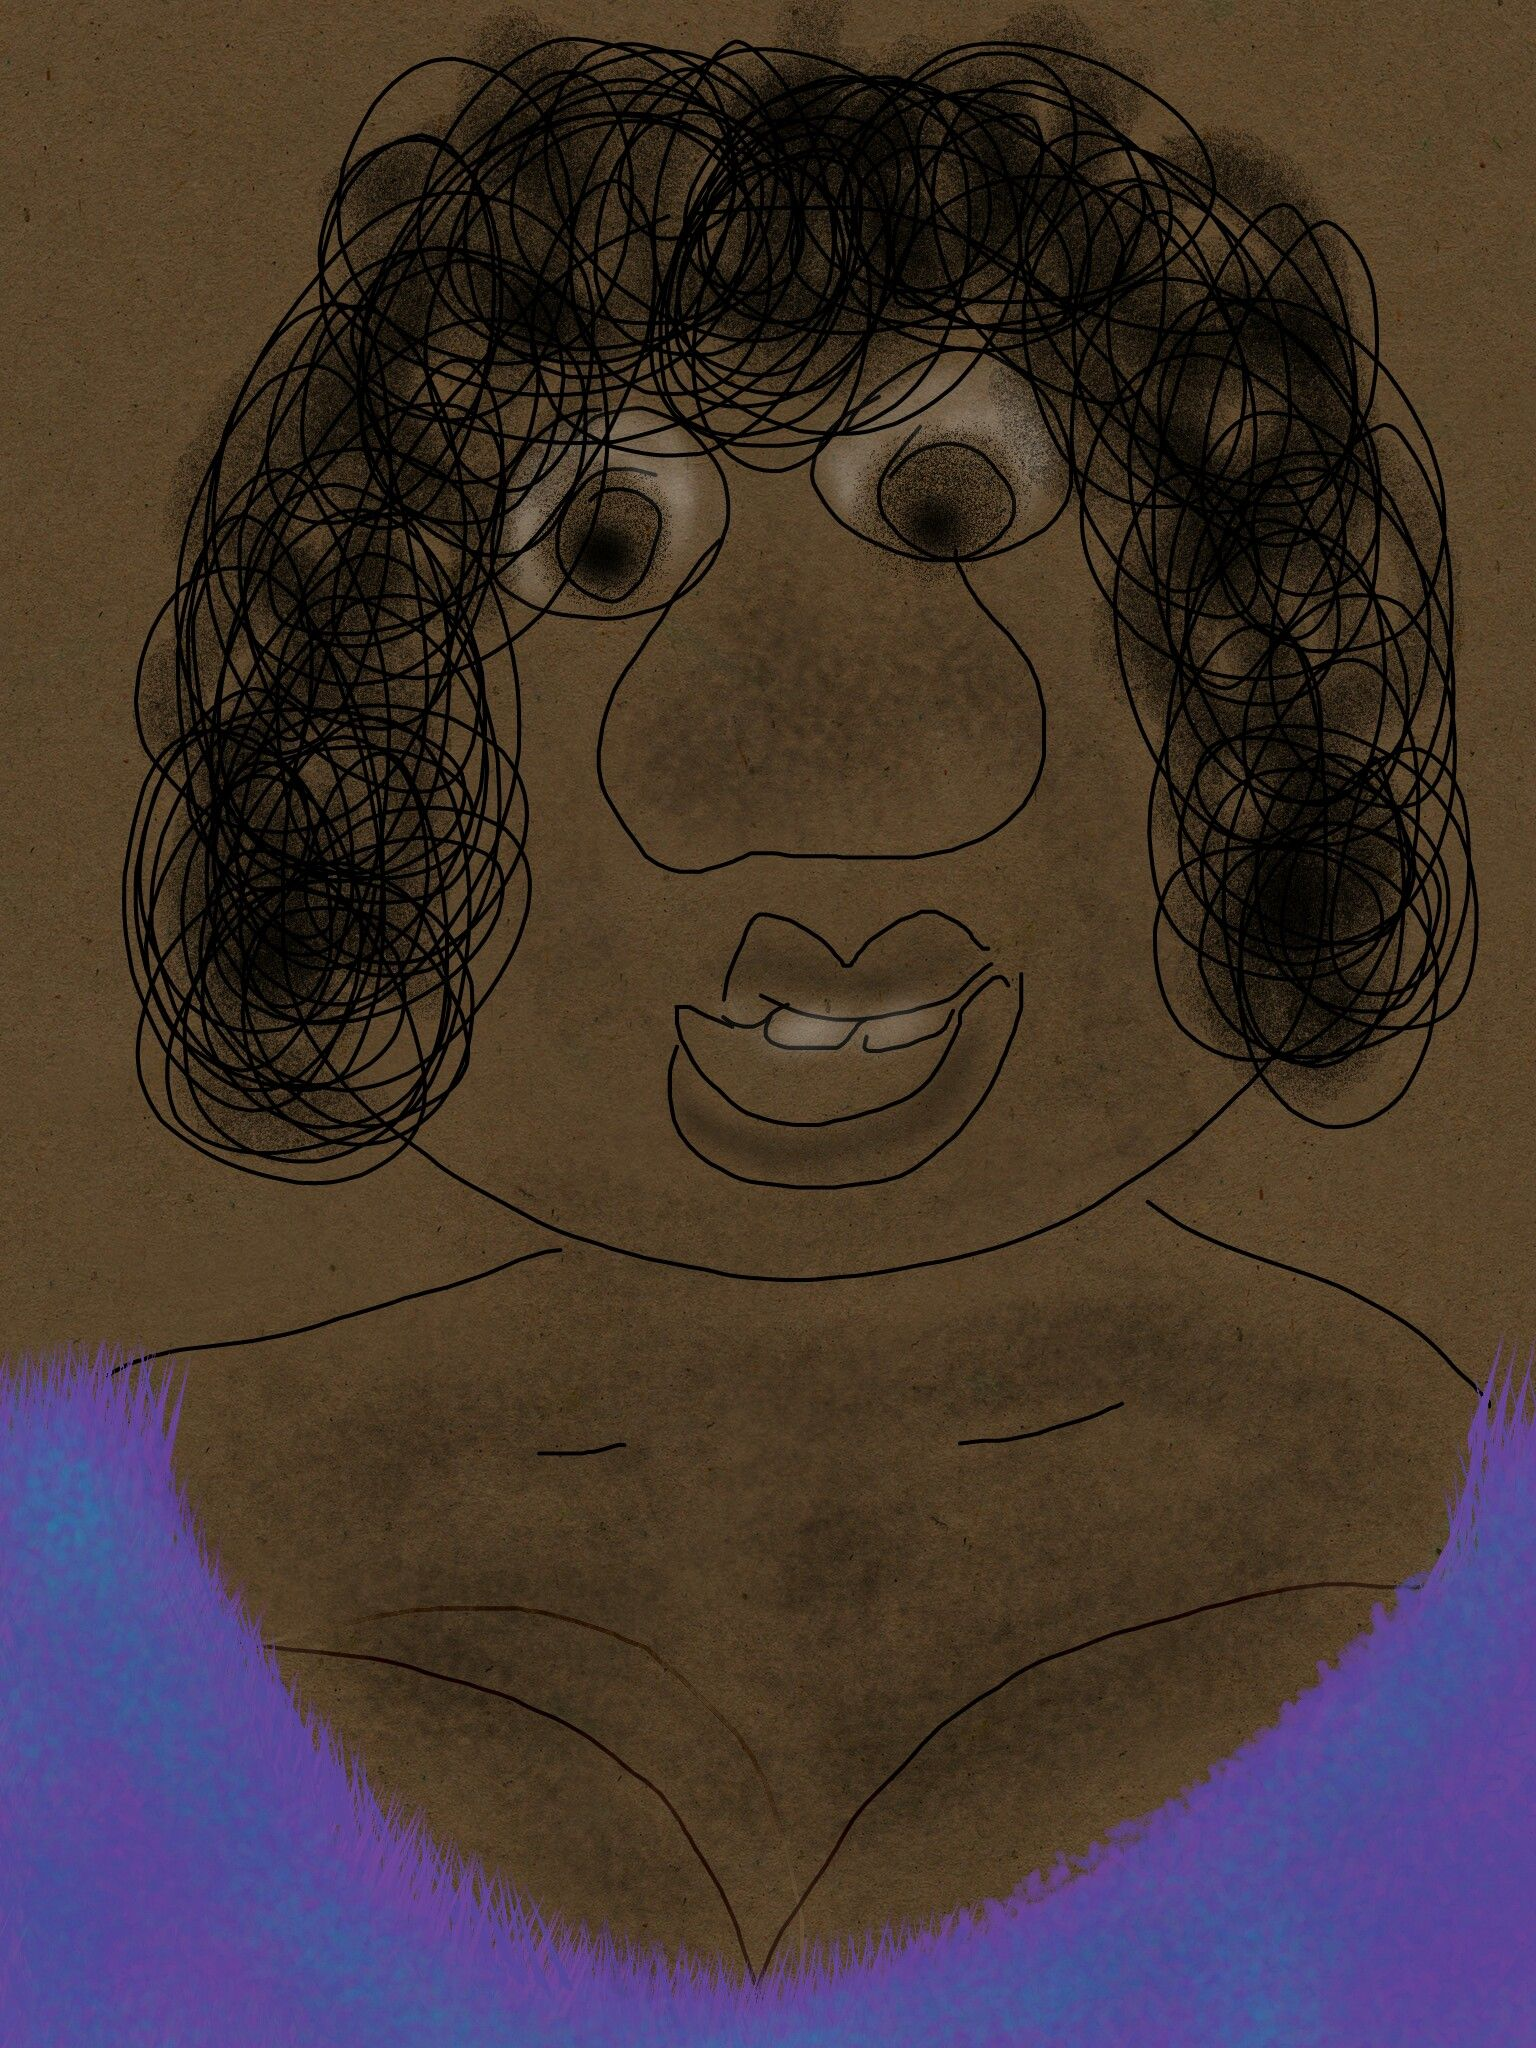 Schauen Sie sich diese Kreation an, die ich mit #PicsArt erstellt habe! Erstellen Sie Ihren eigenen kostenlos  http://go.picsart.com/f1Fc/O6gQrok3cy